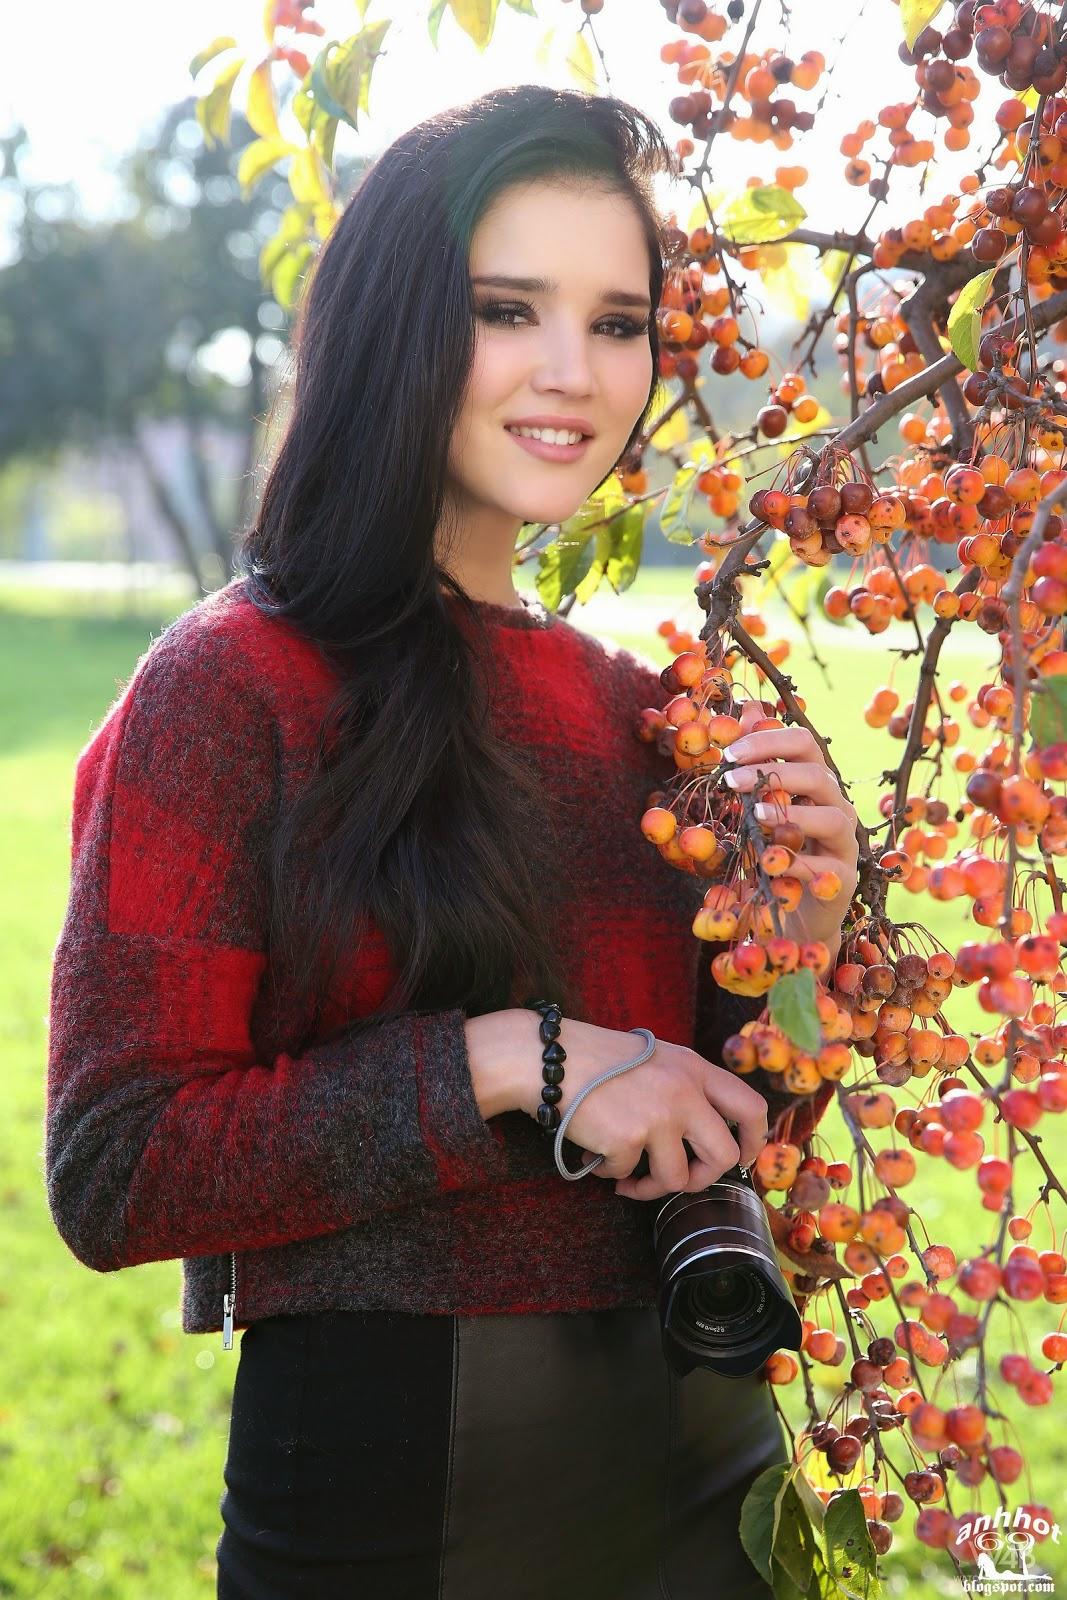 Watch4Beauty-Sunny Malena-141120 [17]